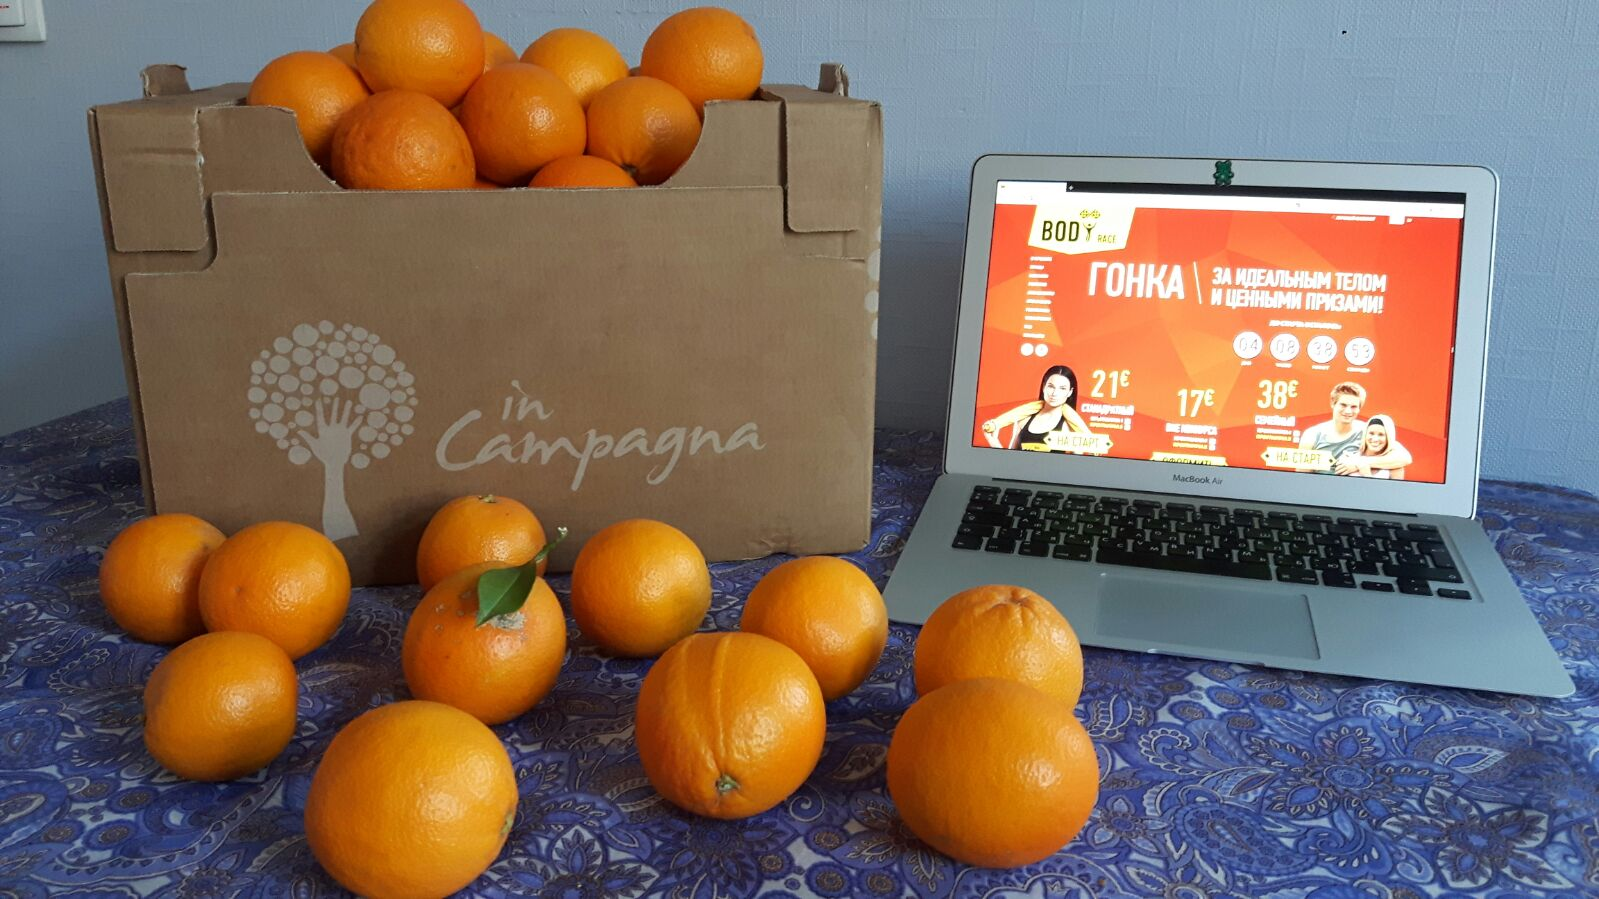 Партнеры конкурса - эко-магазин продуктов питания из Сицилии